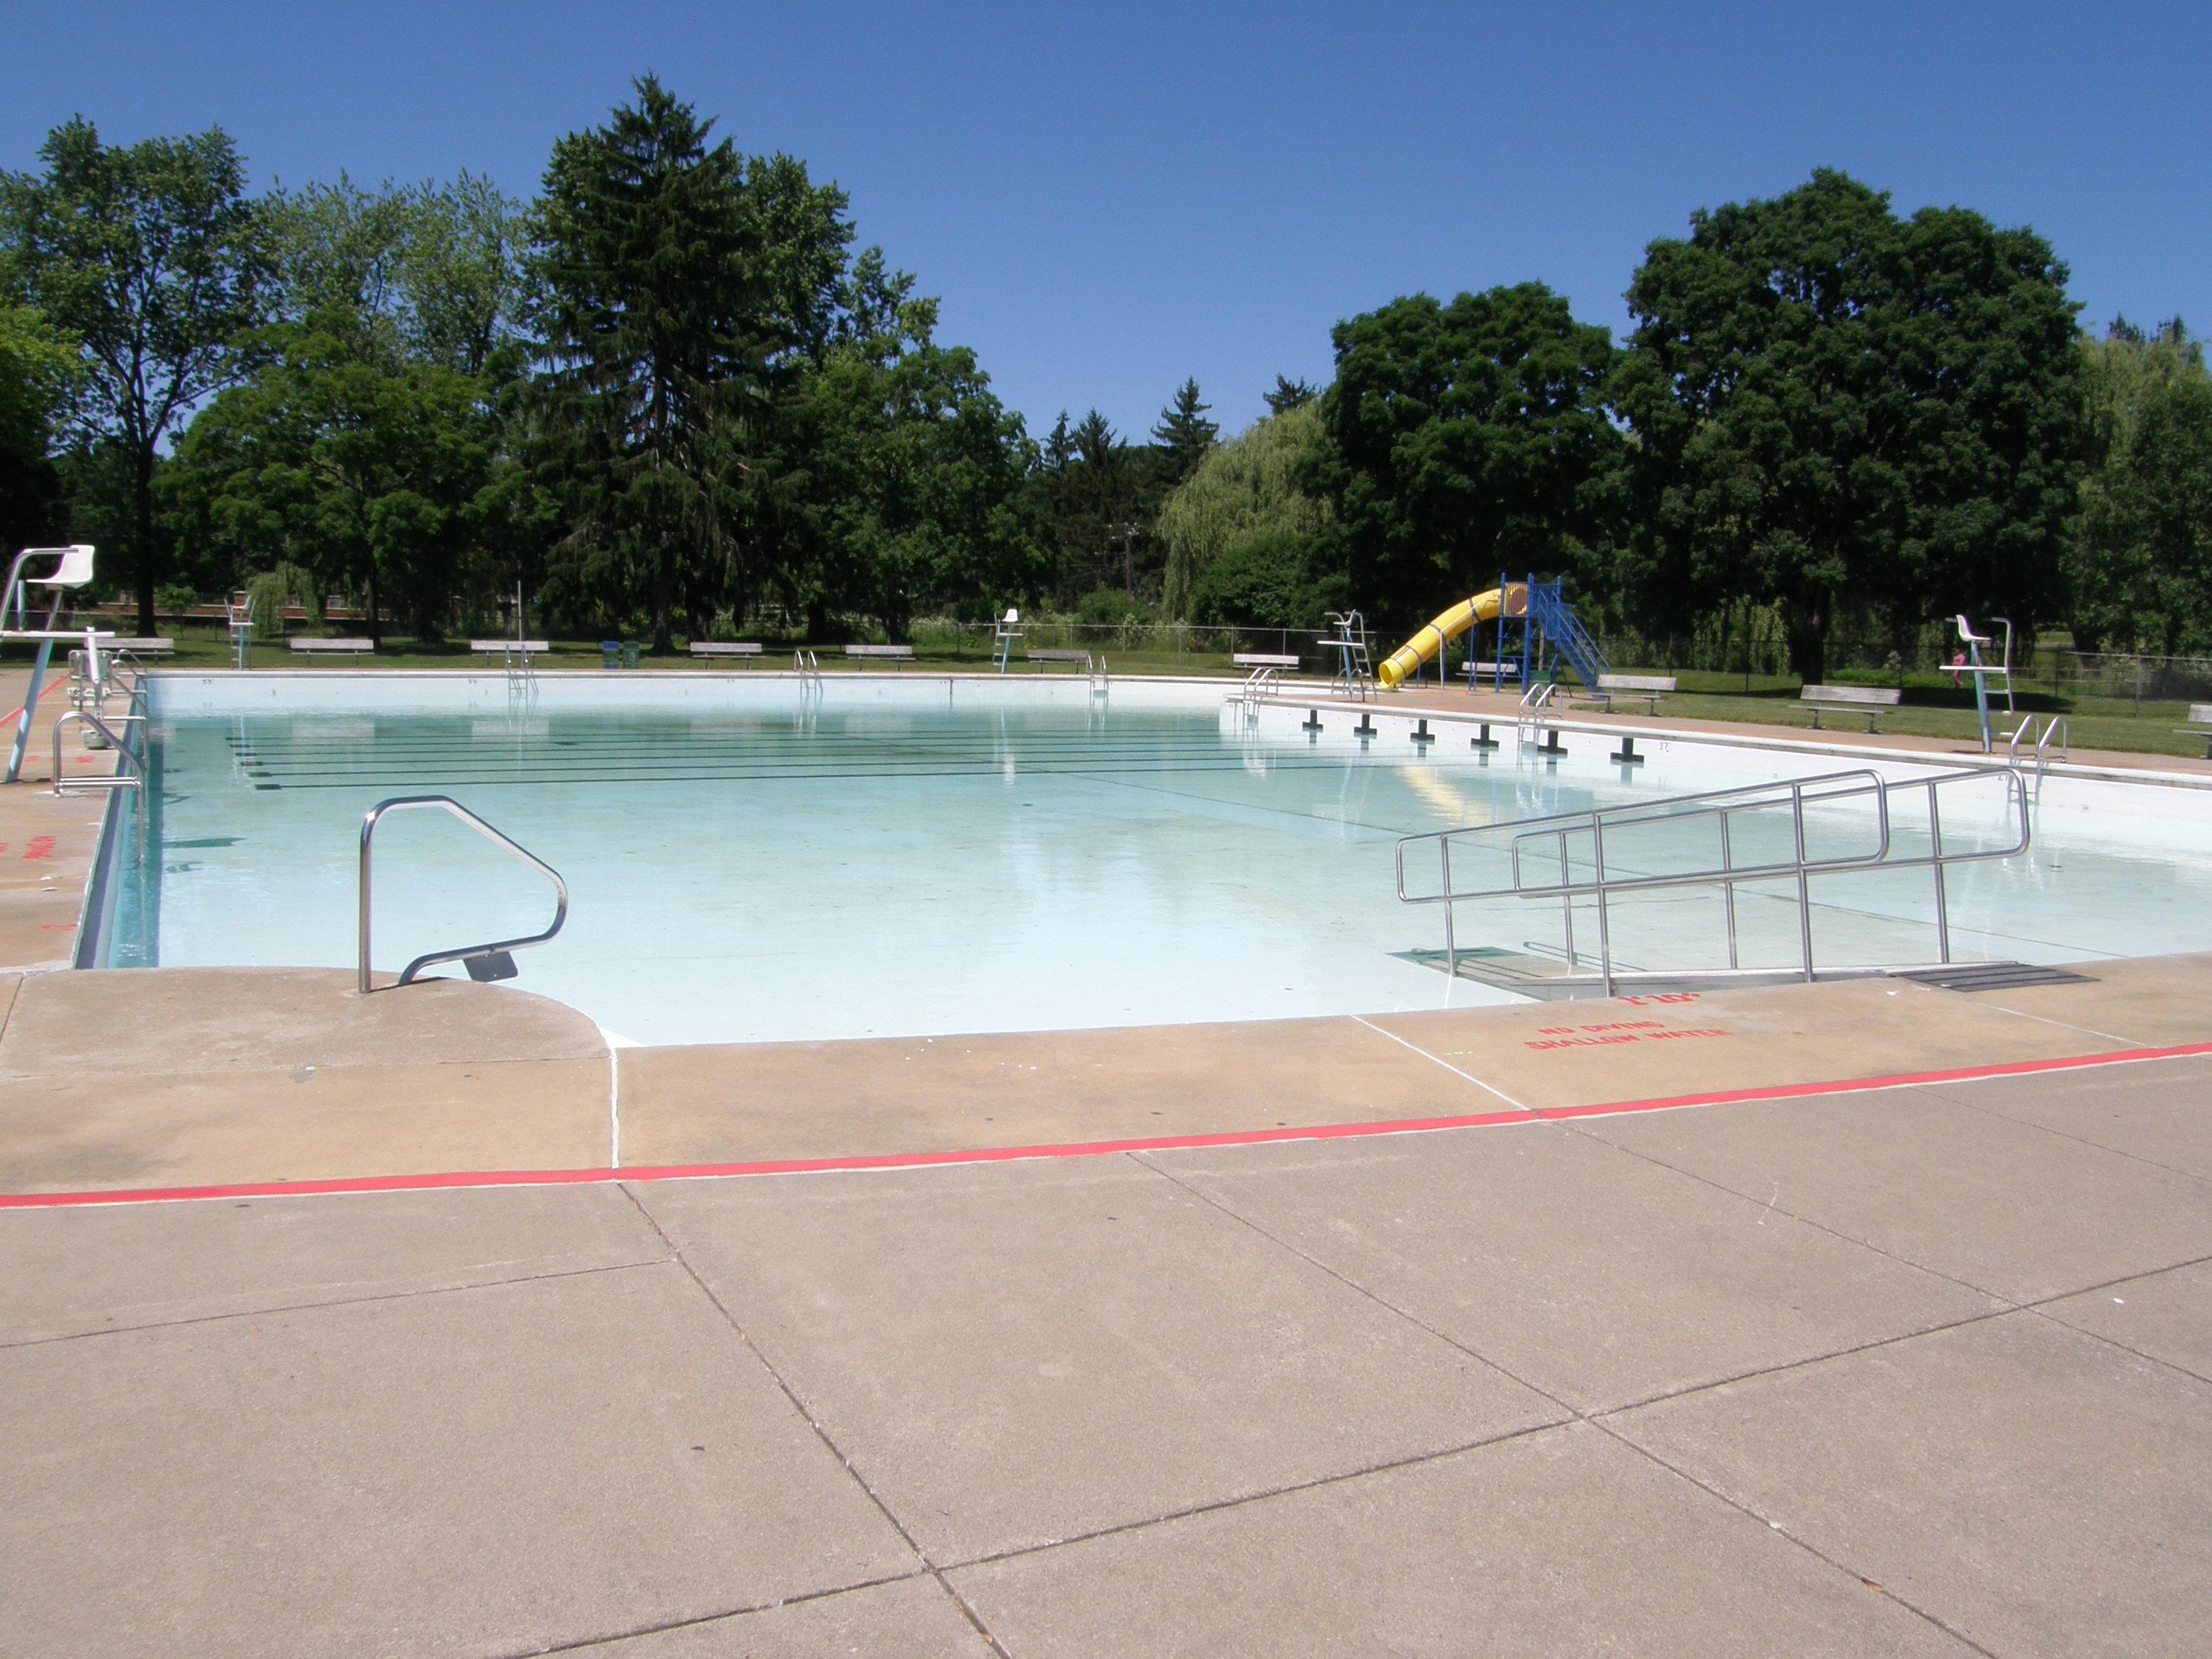 Pool Repair In Pa : Cedar beach pool closed for repairs gt allentownpa